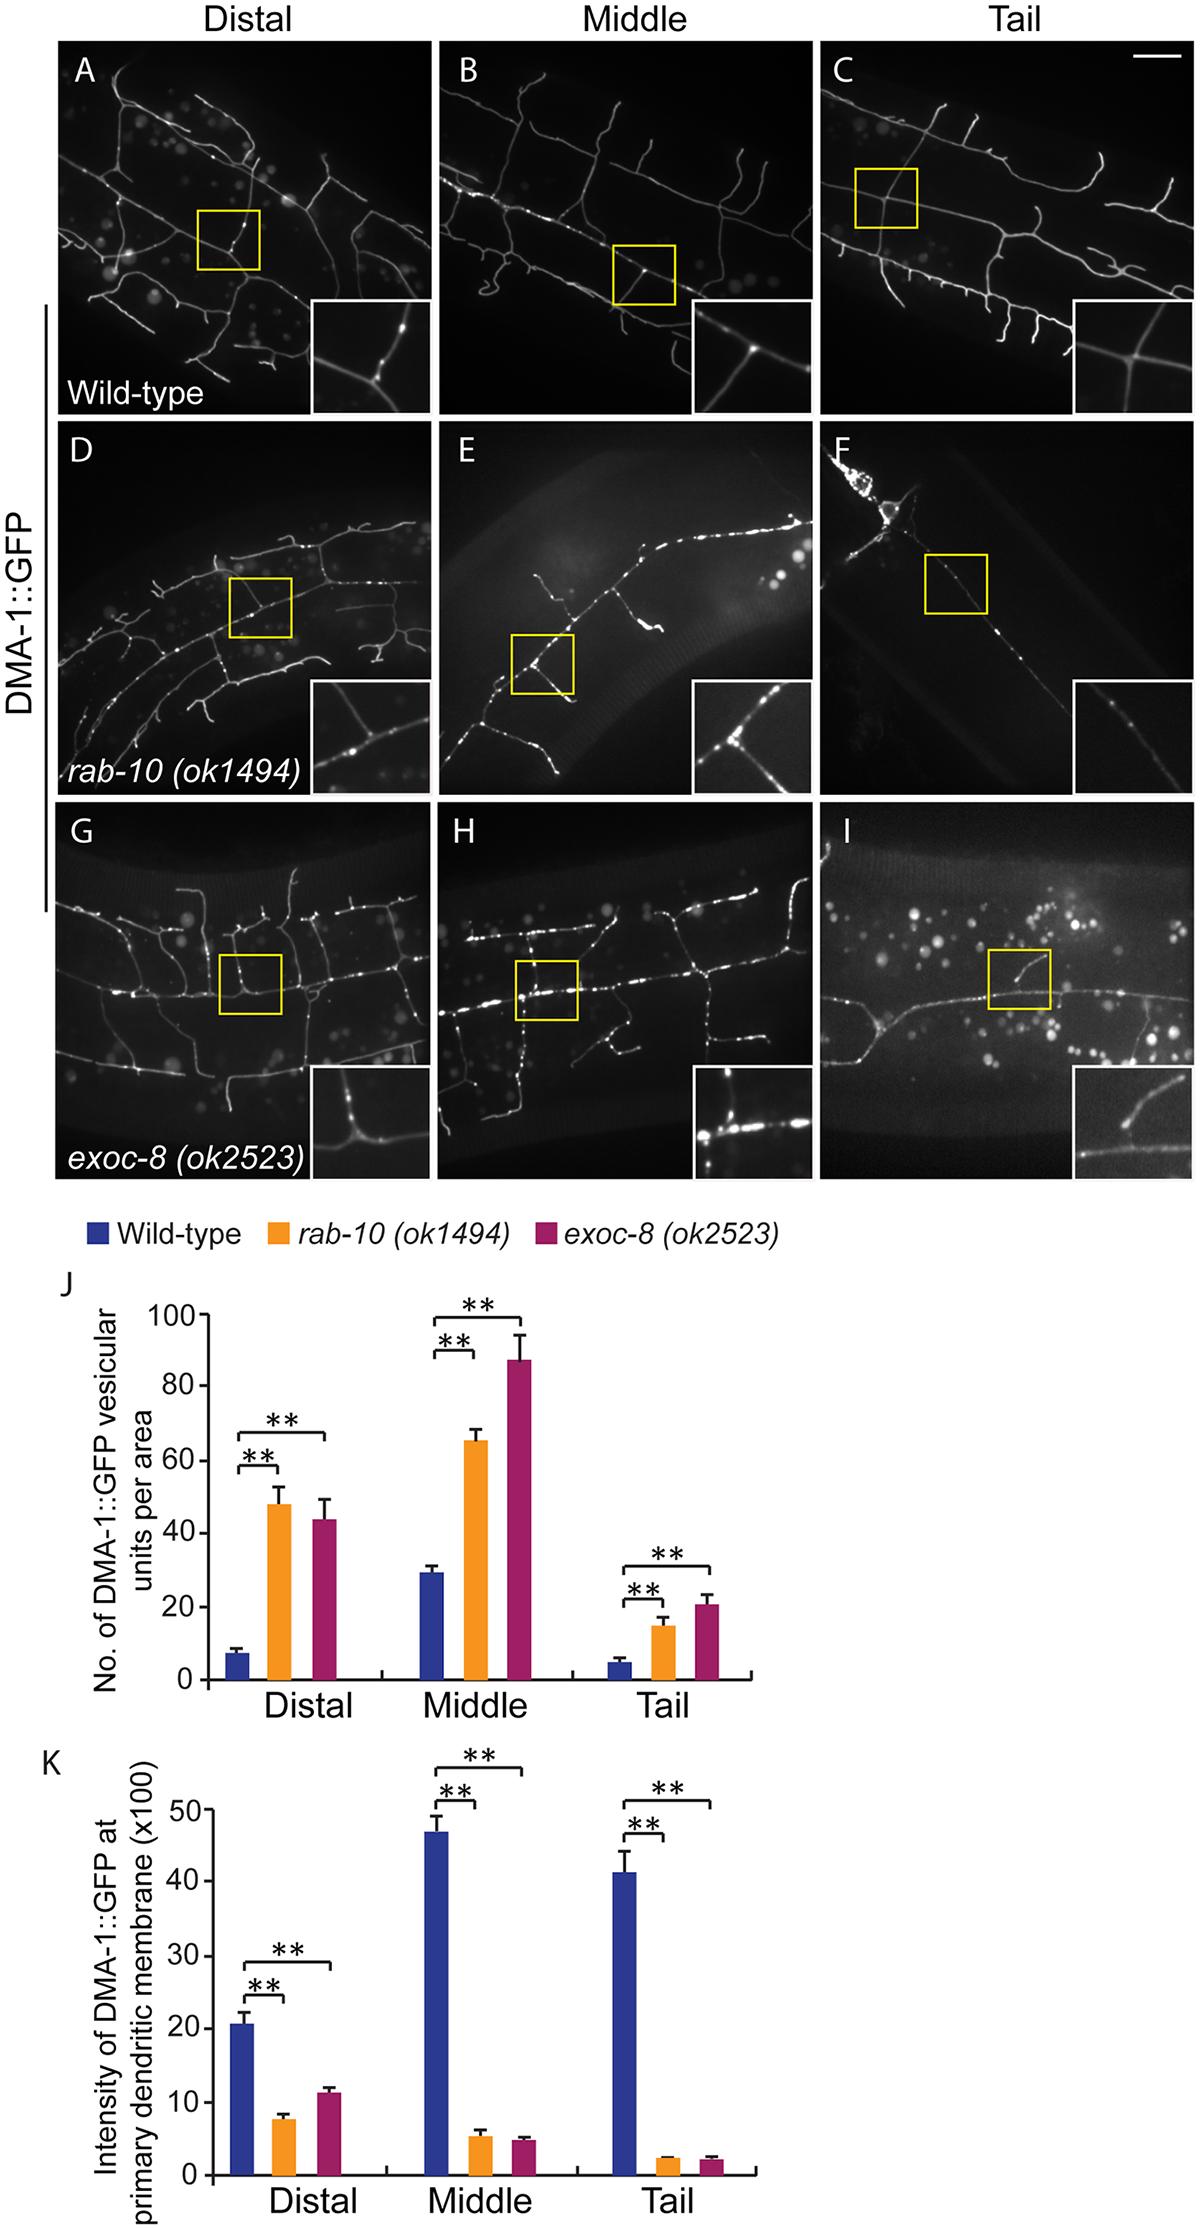 Loss of <i>rab-10</i> and <i>exoc-8</i> perturbs DMA-1 transport to dendritic membranes.